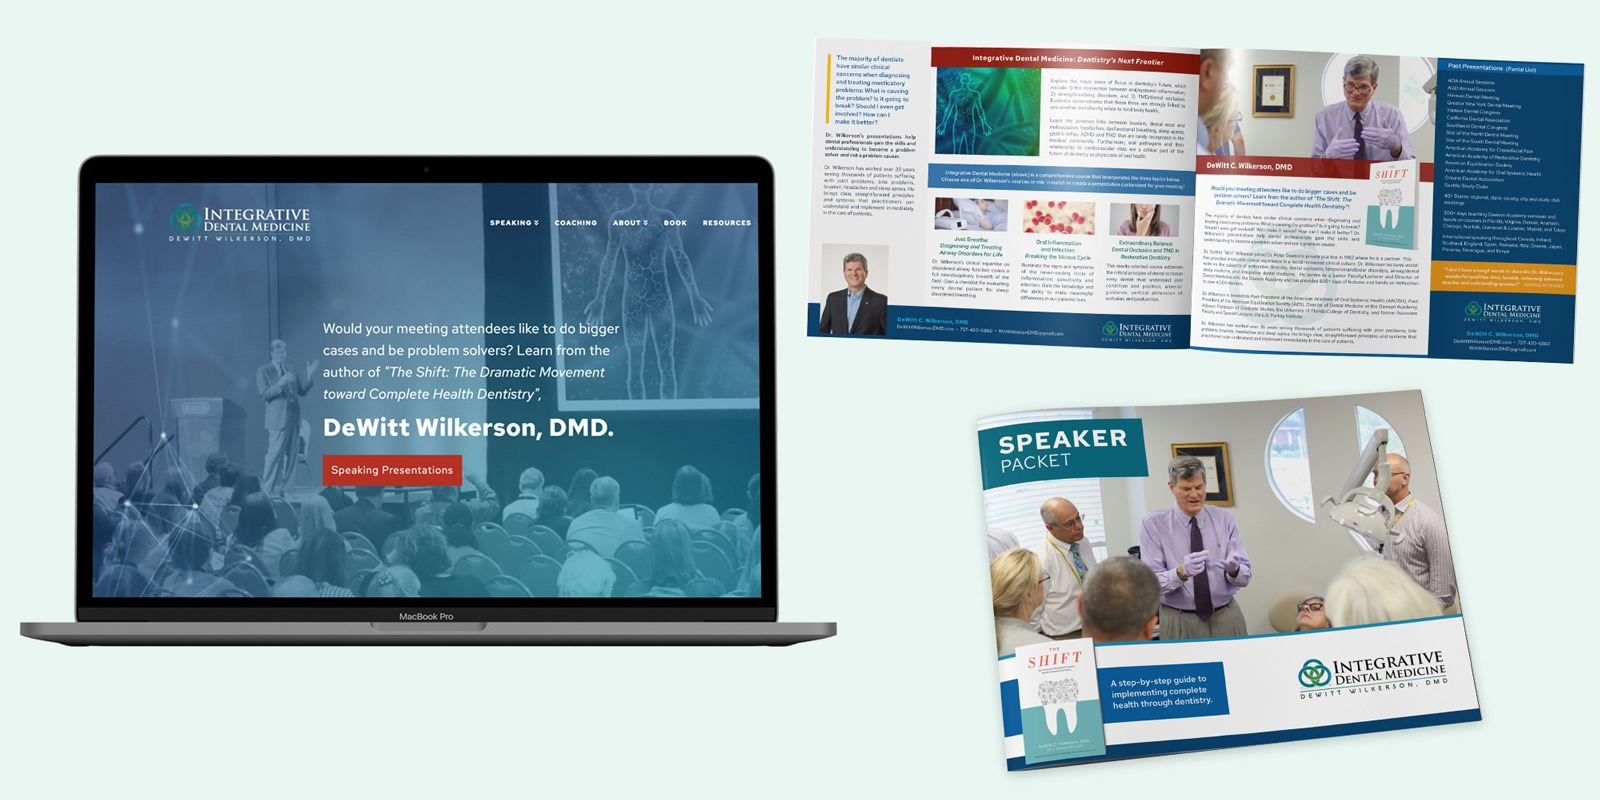 Website and speaker packet design for dental speaker Witt Wilkerson, DMD